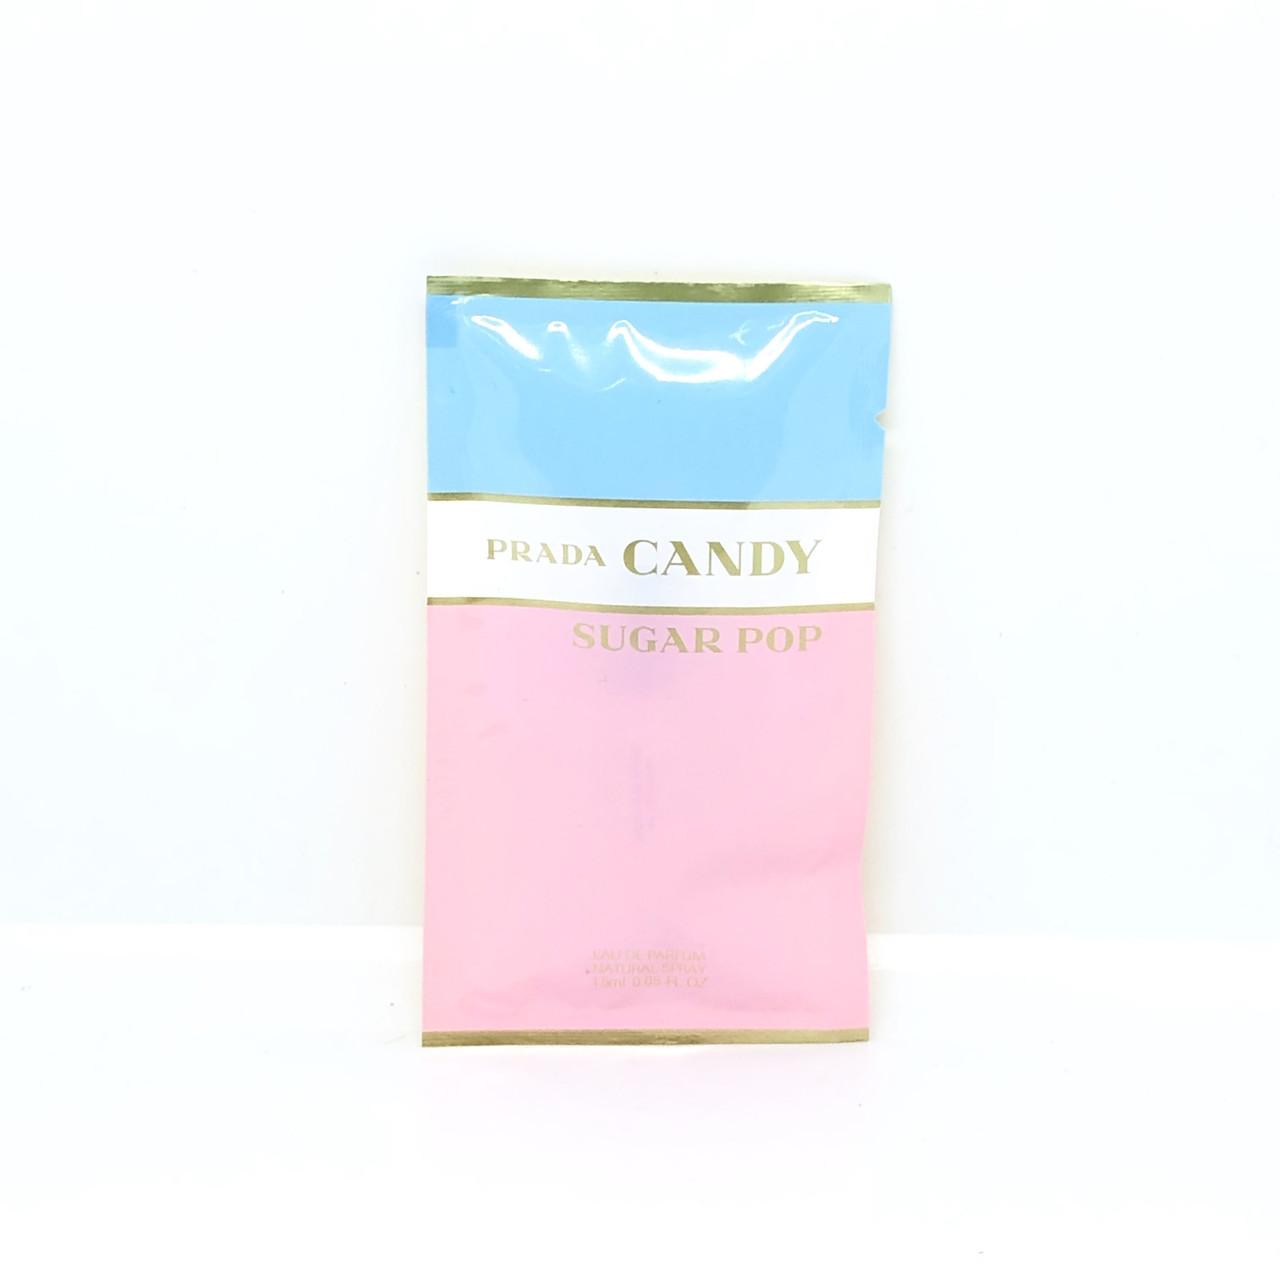 Пробник елітних парфумів оригінал PRADA Candy Sugar Pop 1,5 мл, квітково-фруктовий аромат